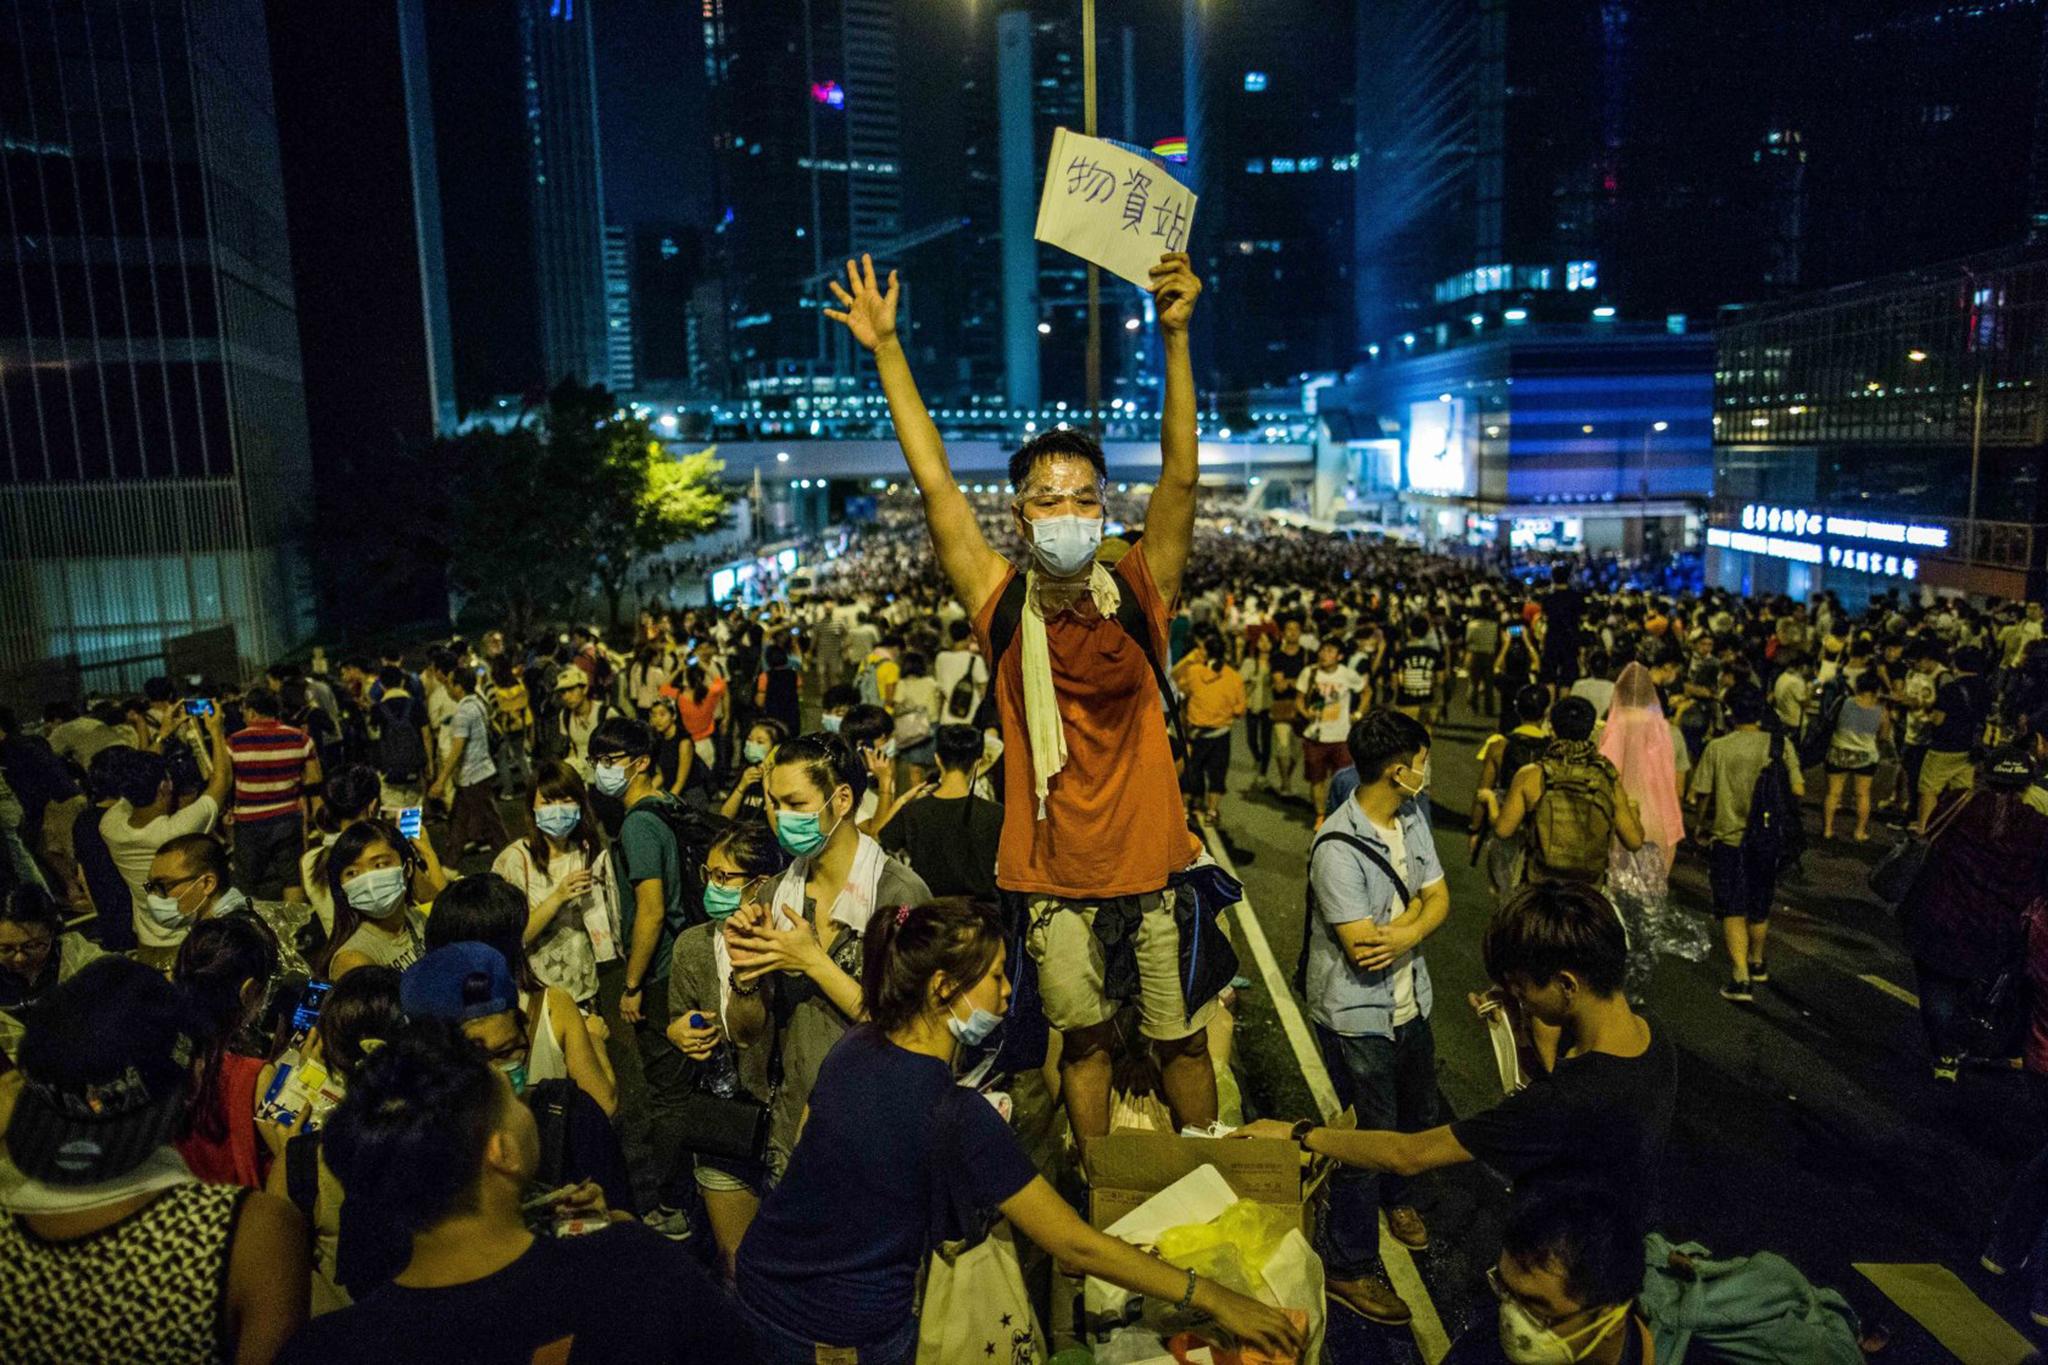 Amnistia fala de menor espaço de actuação da sociedade civil em HK e China